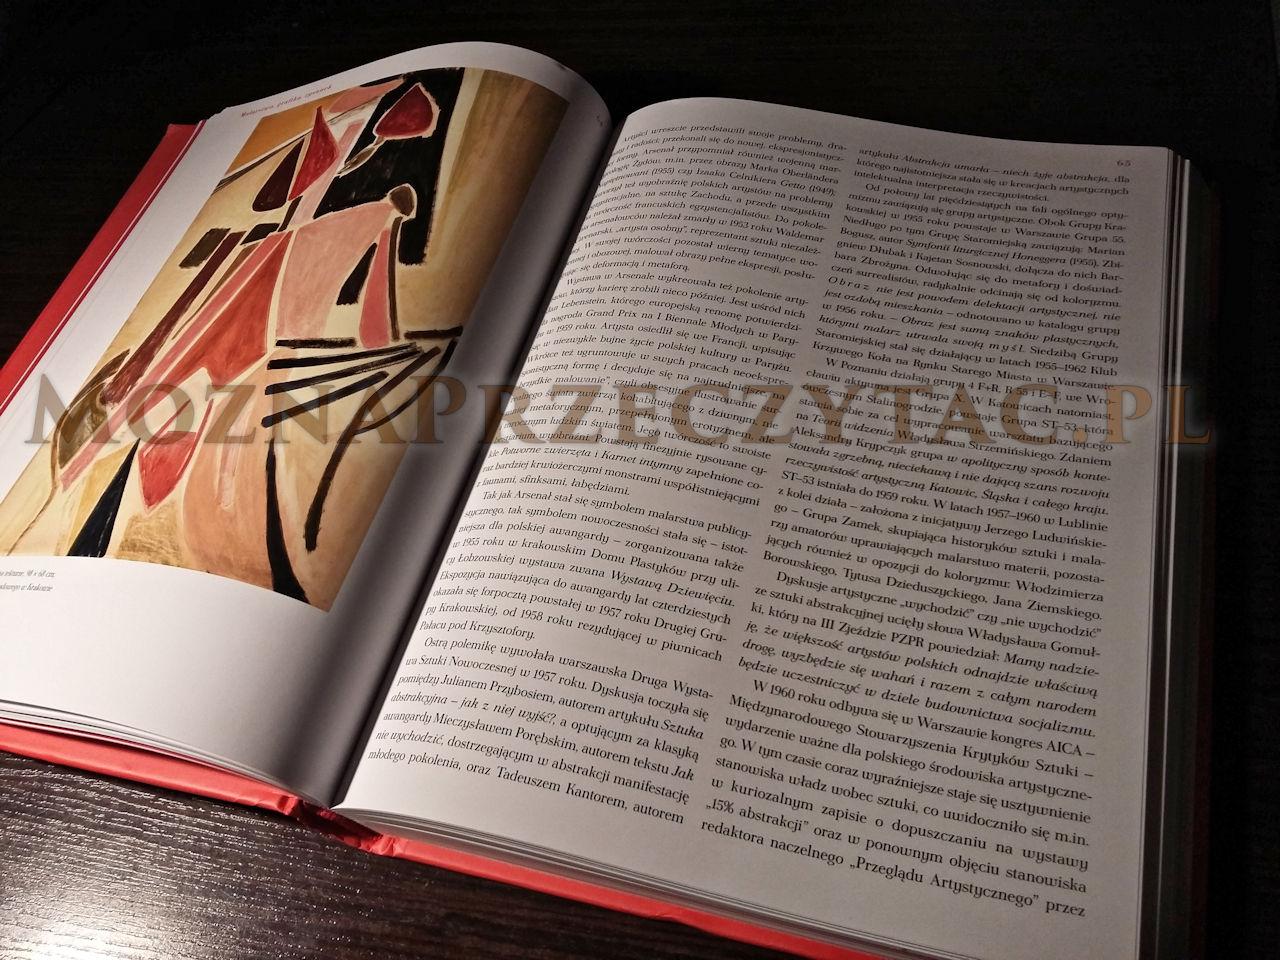 Sztuka w czasach PRL - Stefania Krzysztofowicz-Kozakowska